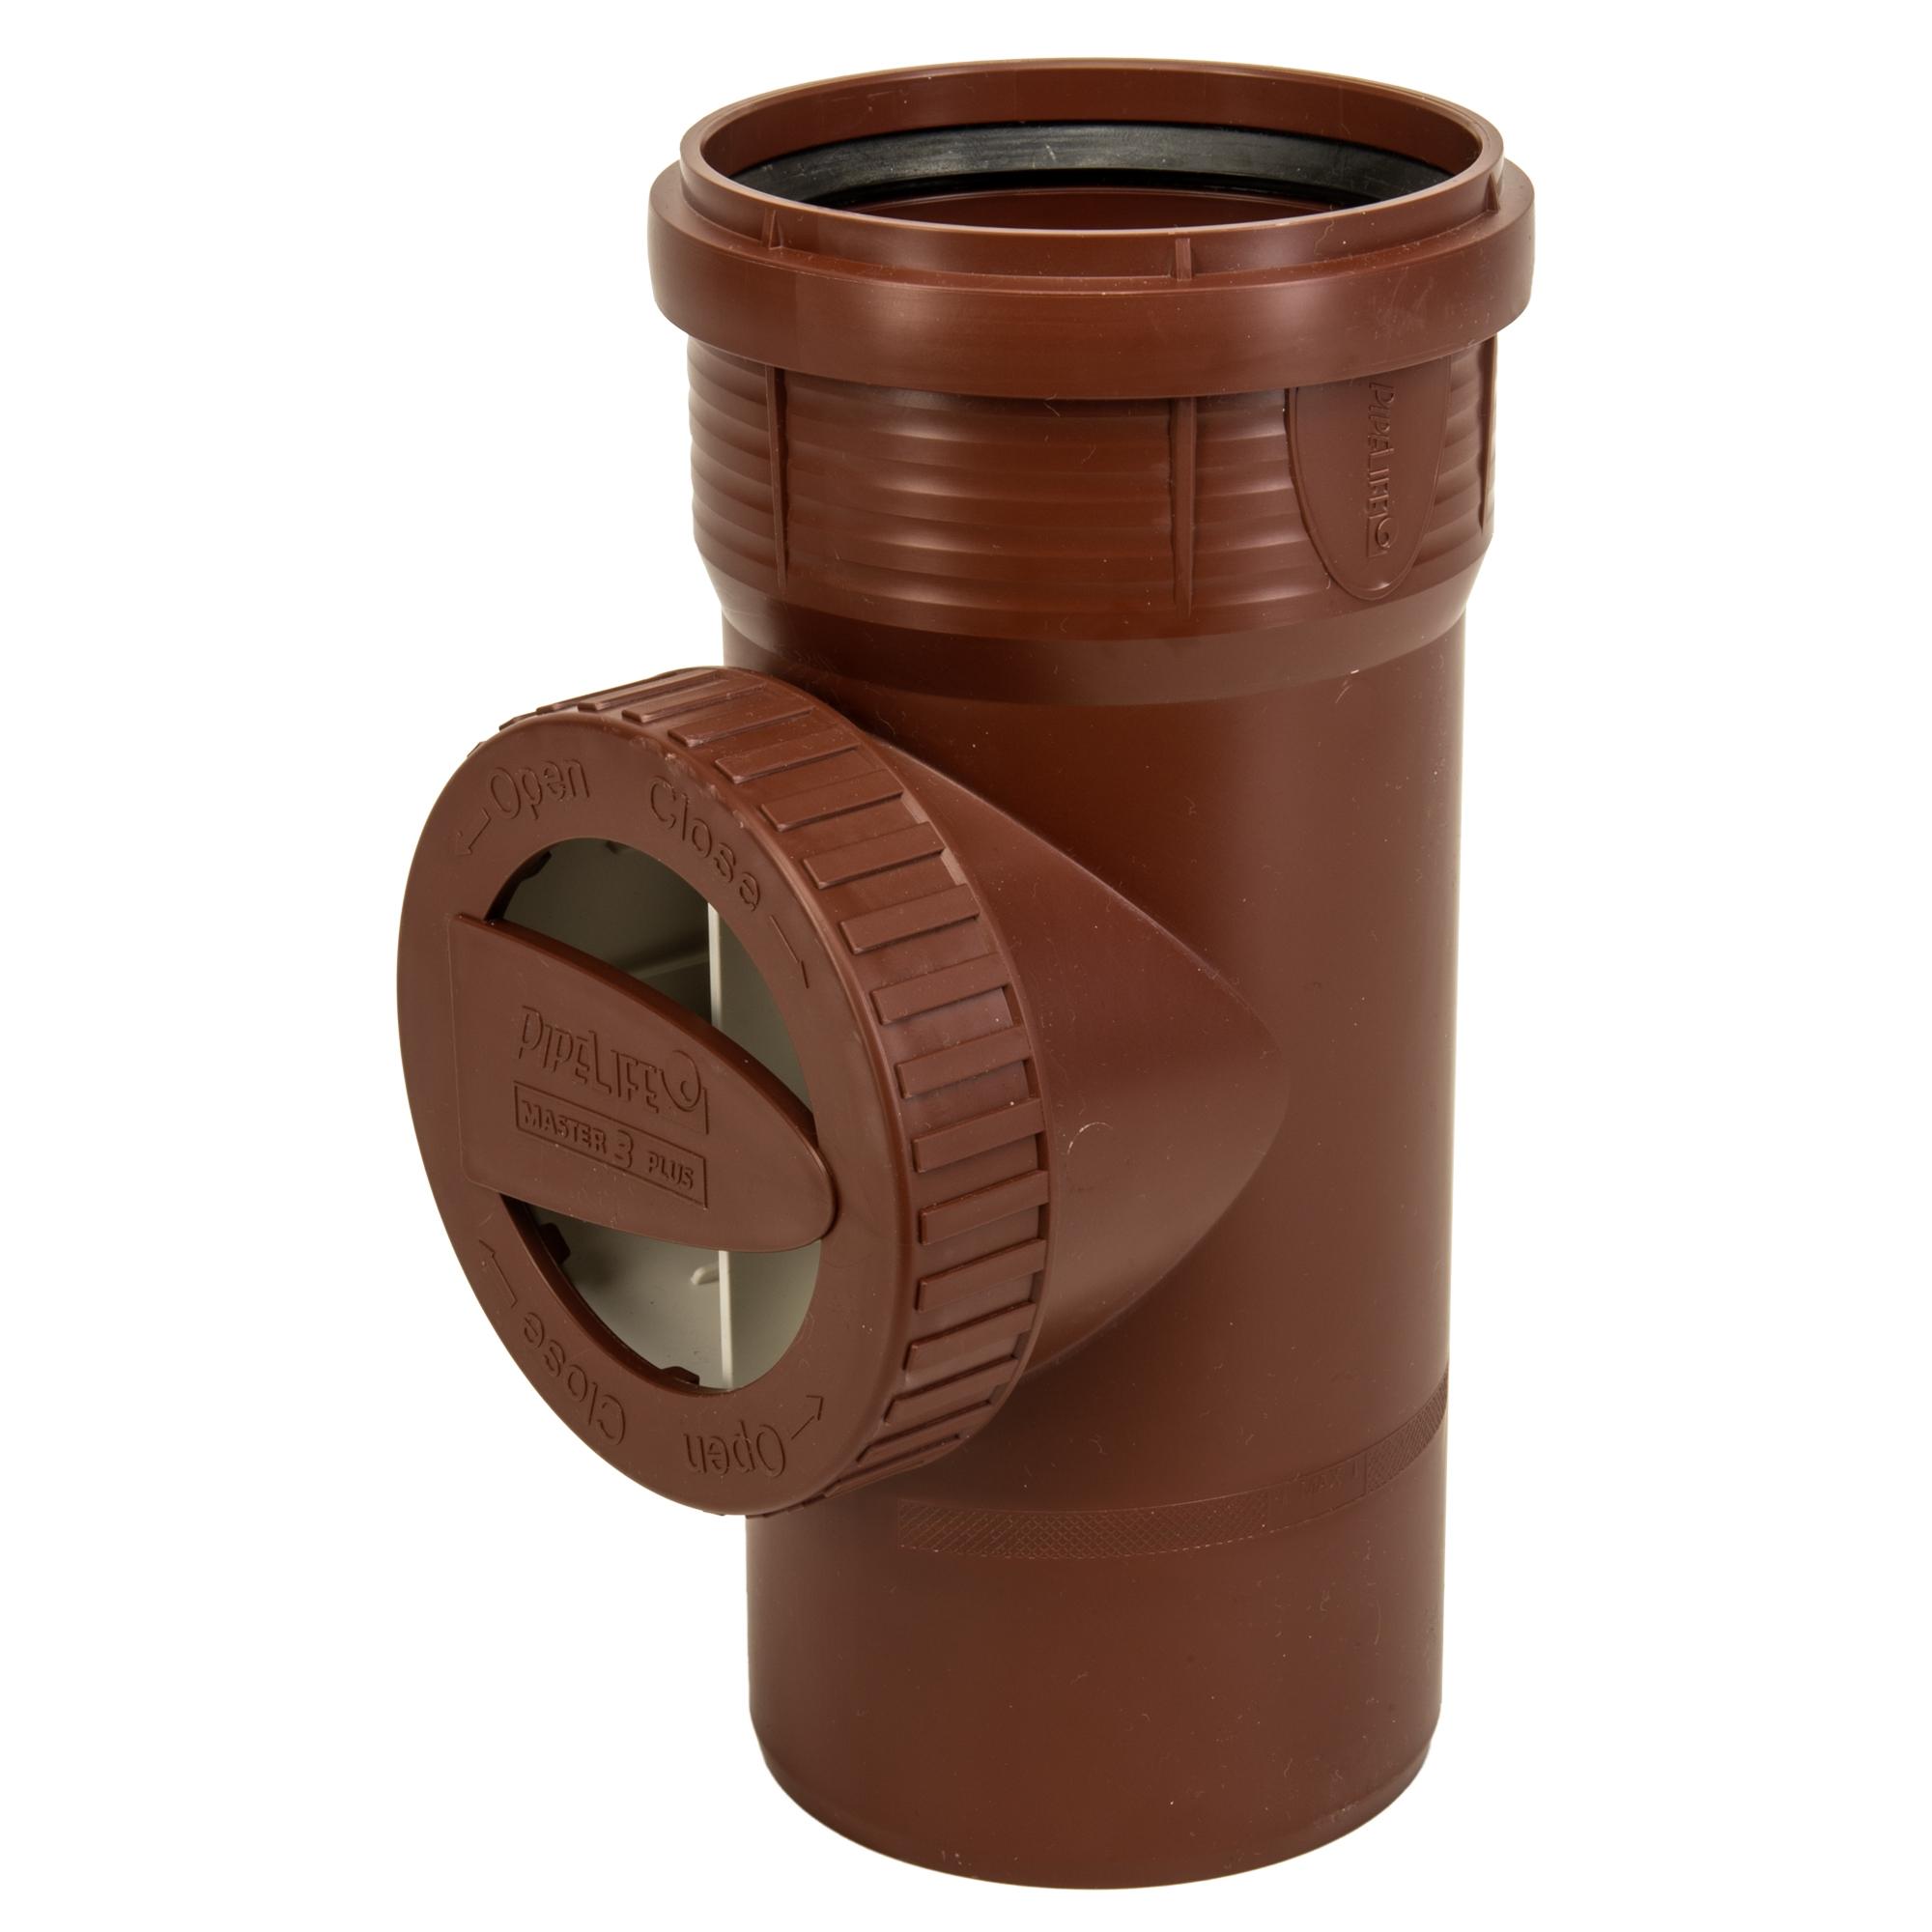 Система шумопоглощающей канализации Master 3 Plus фото 4